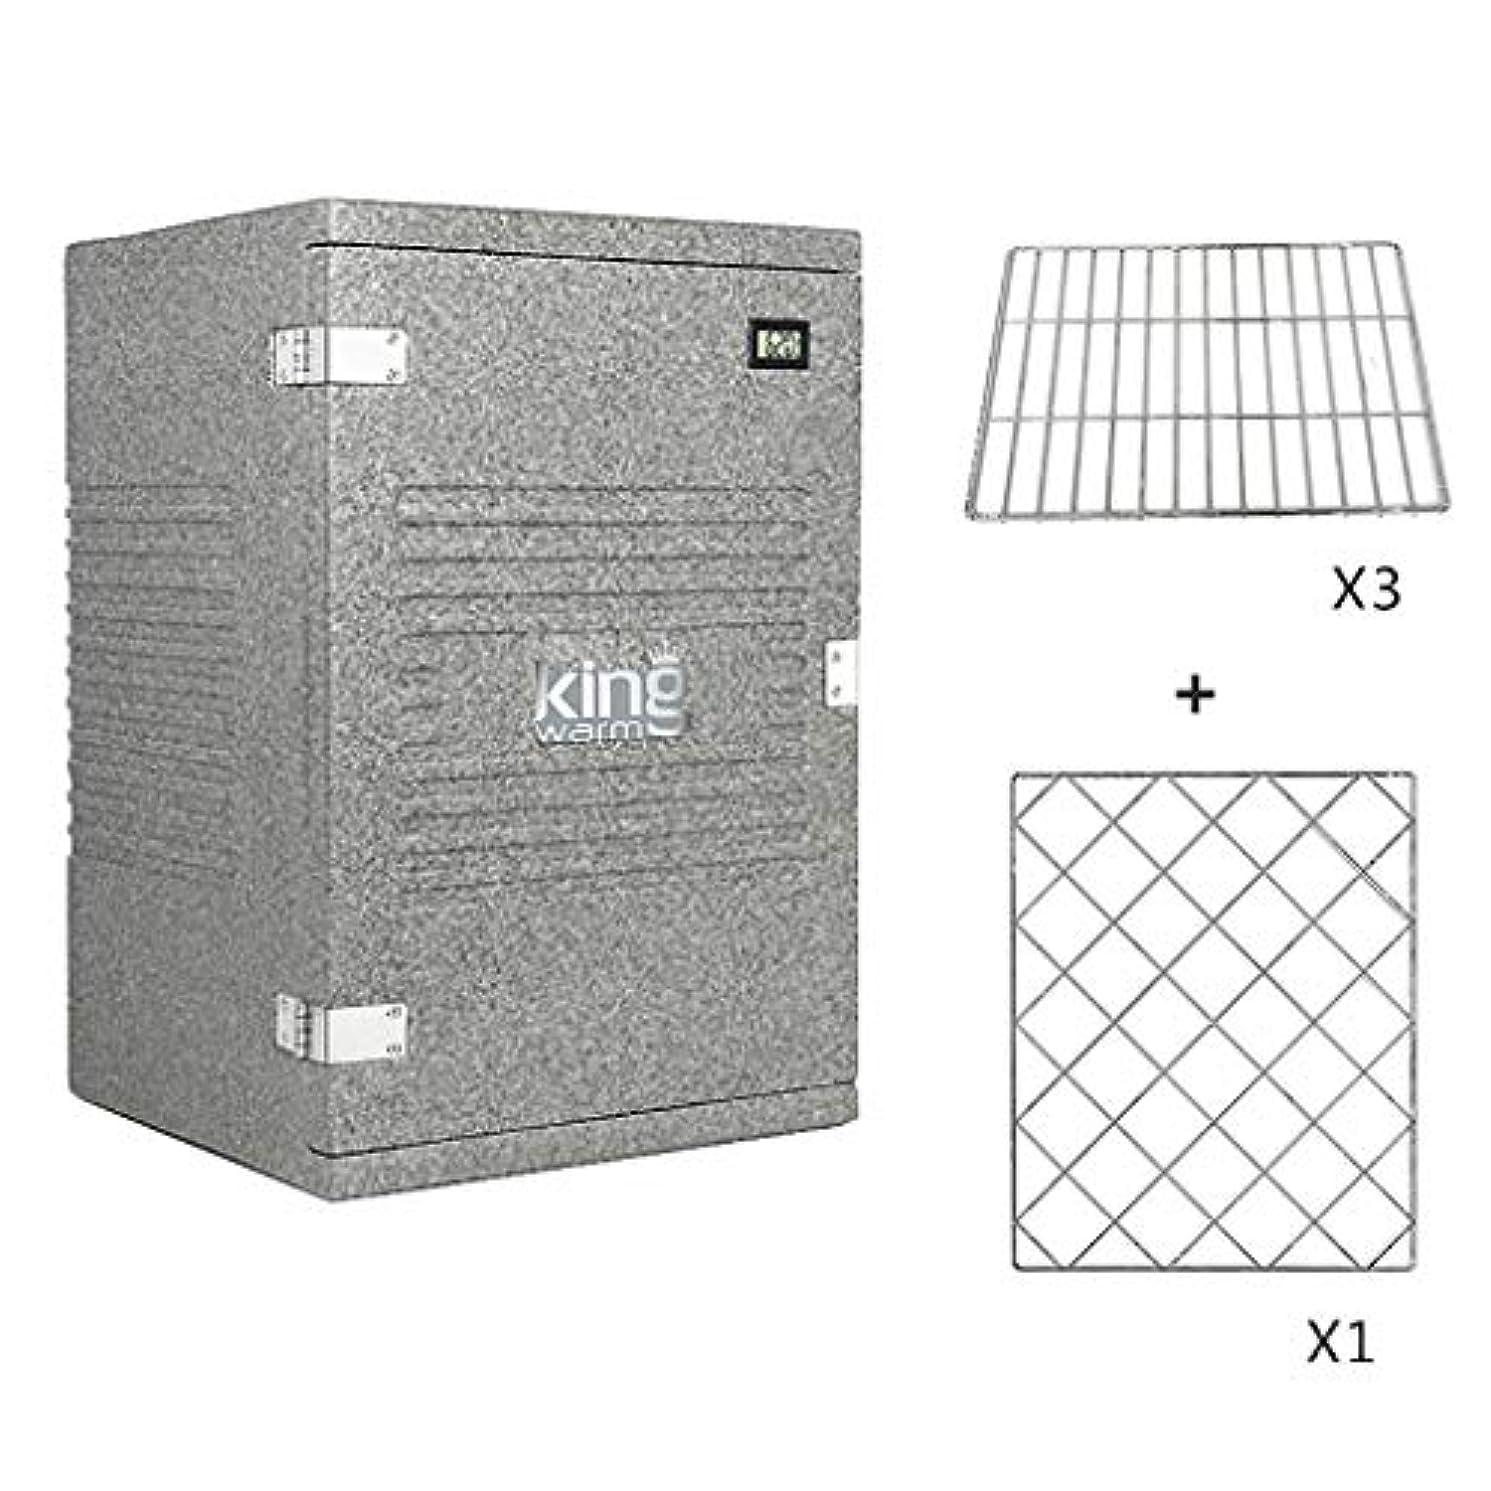 枕病量断熱ボックス家庭用キッチンフード断熱キャビネット42L (色 : B)